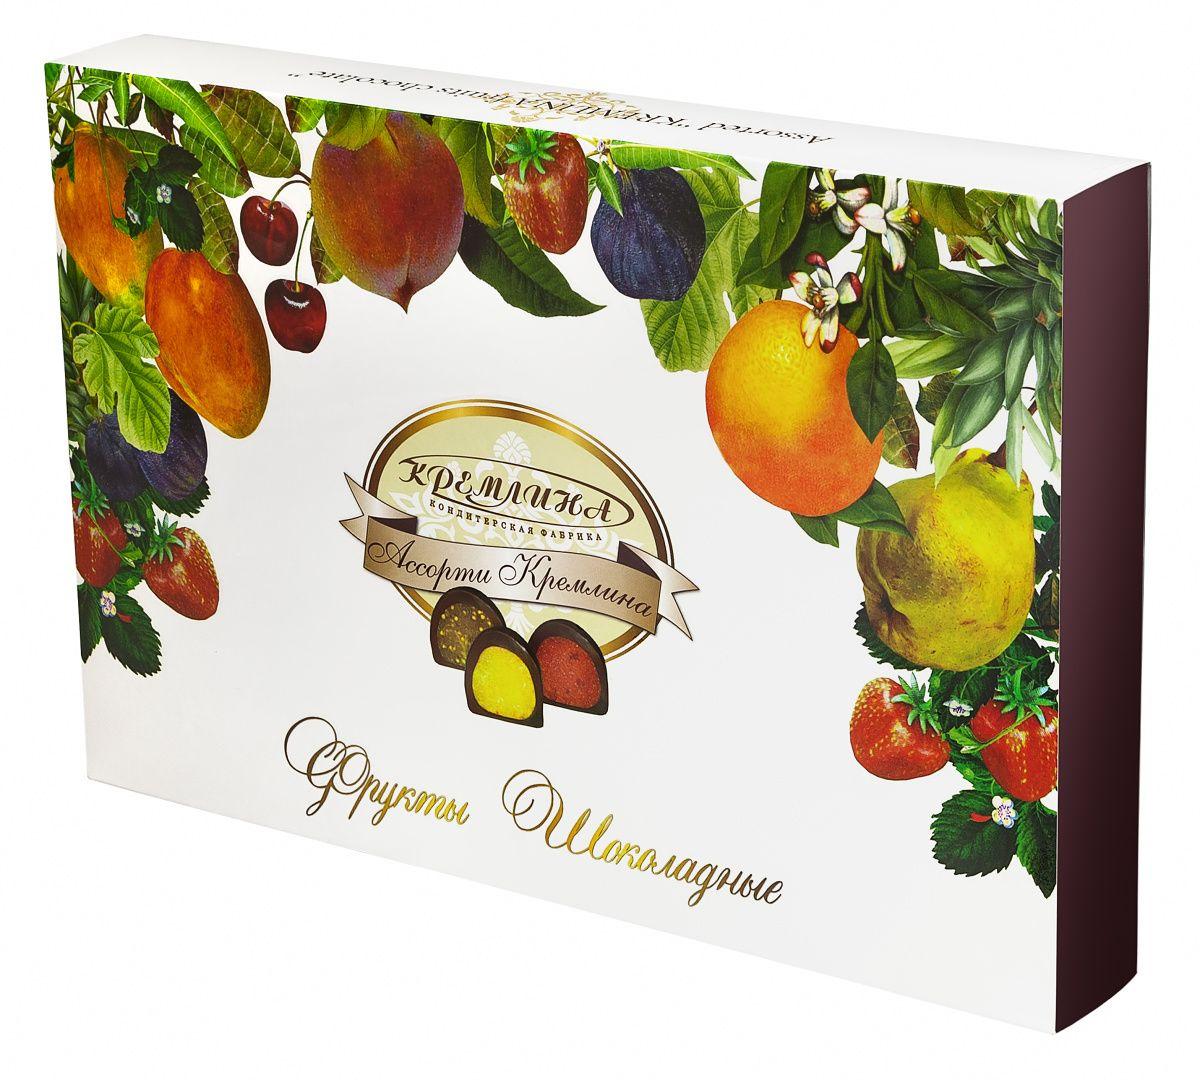 Кремлина Ассорти Фрукты шоколадные, 500 г (коробка) пудовъ кексики шоколадные 250 г